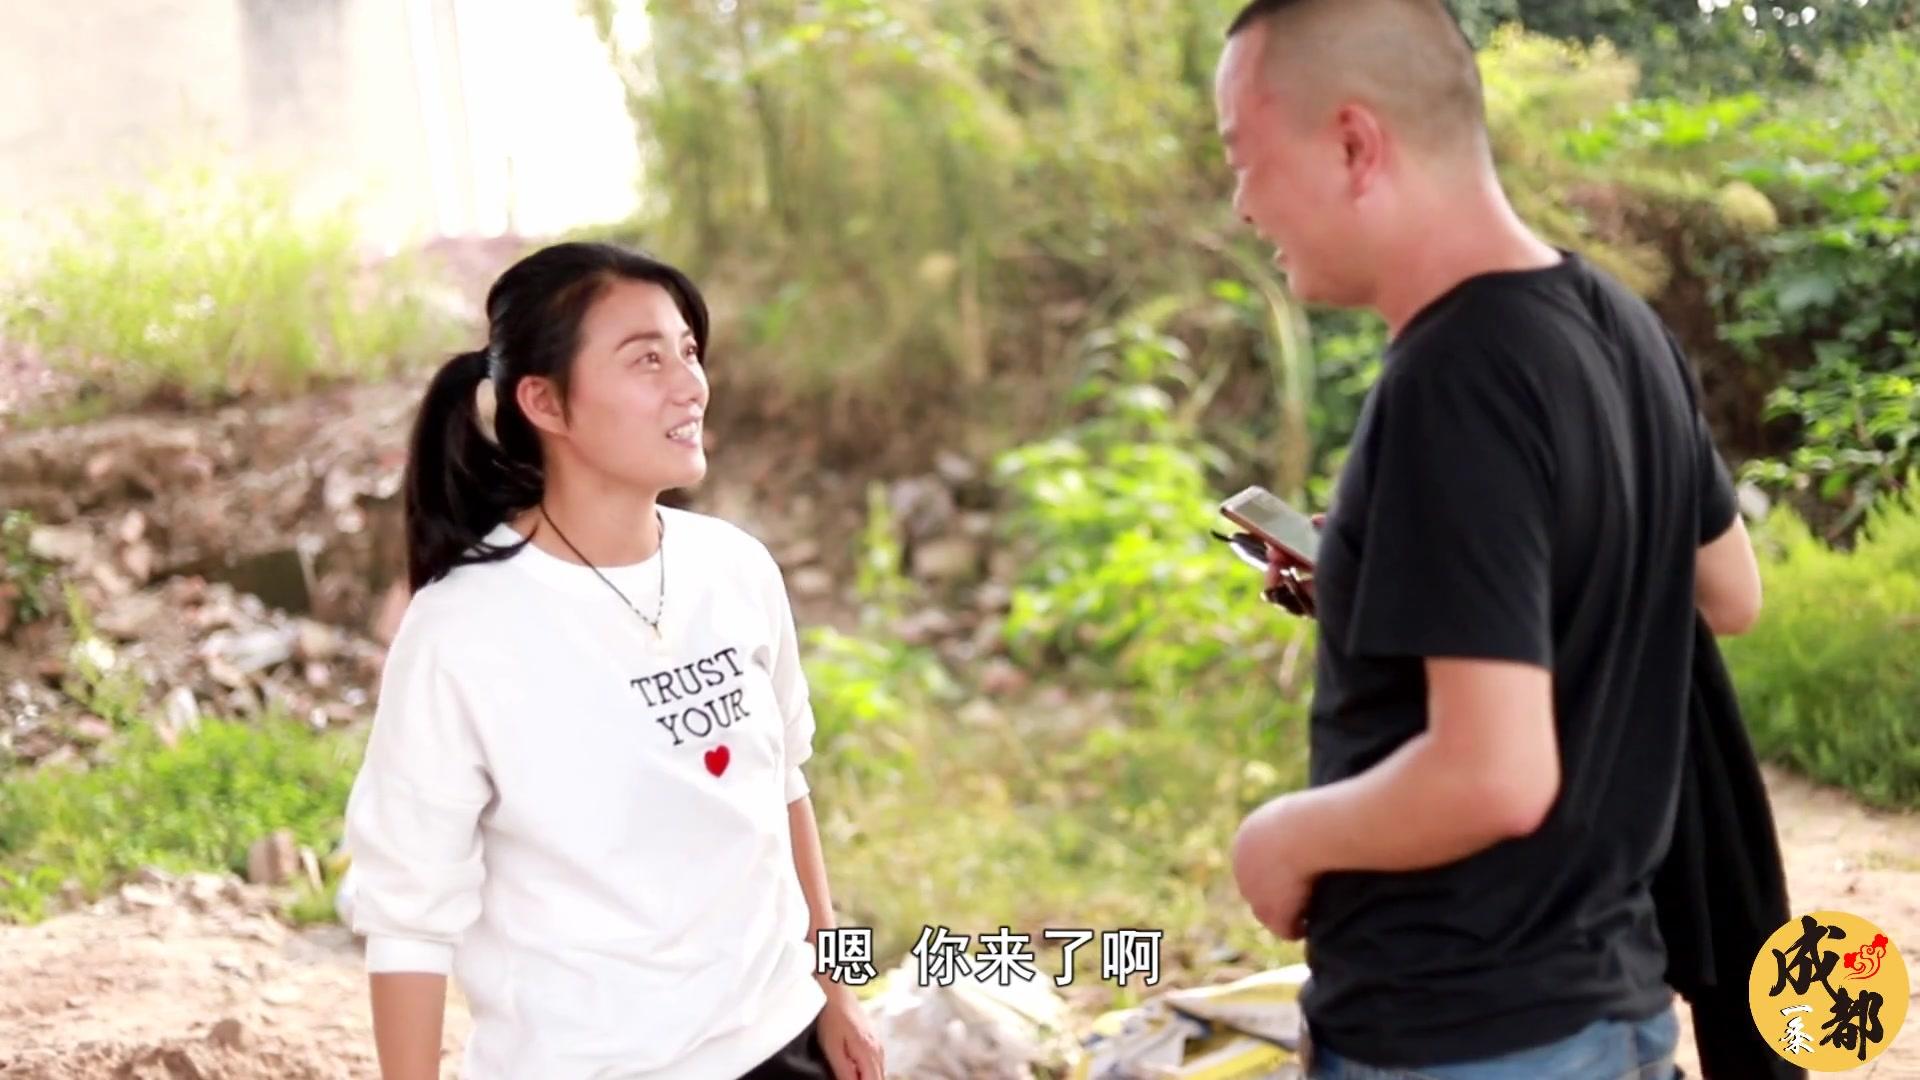 四川方言:幺妹儿谈恋爱不找长得帅的,搞得男朋友天天提心吊胆!